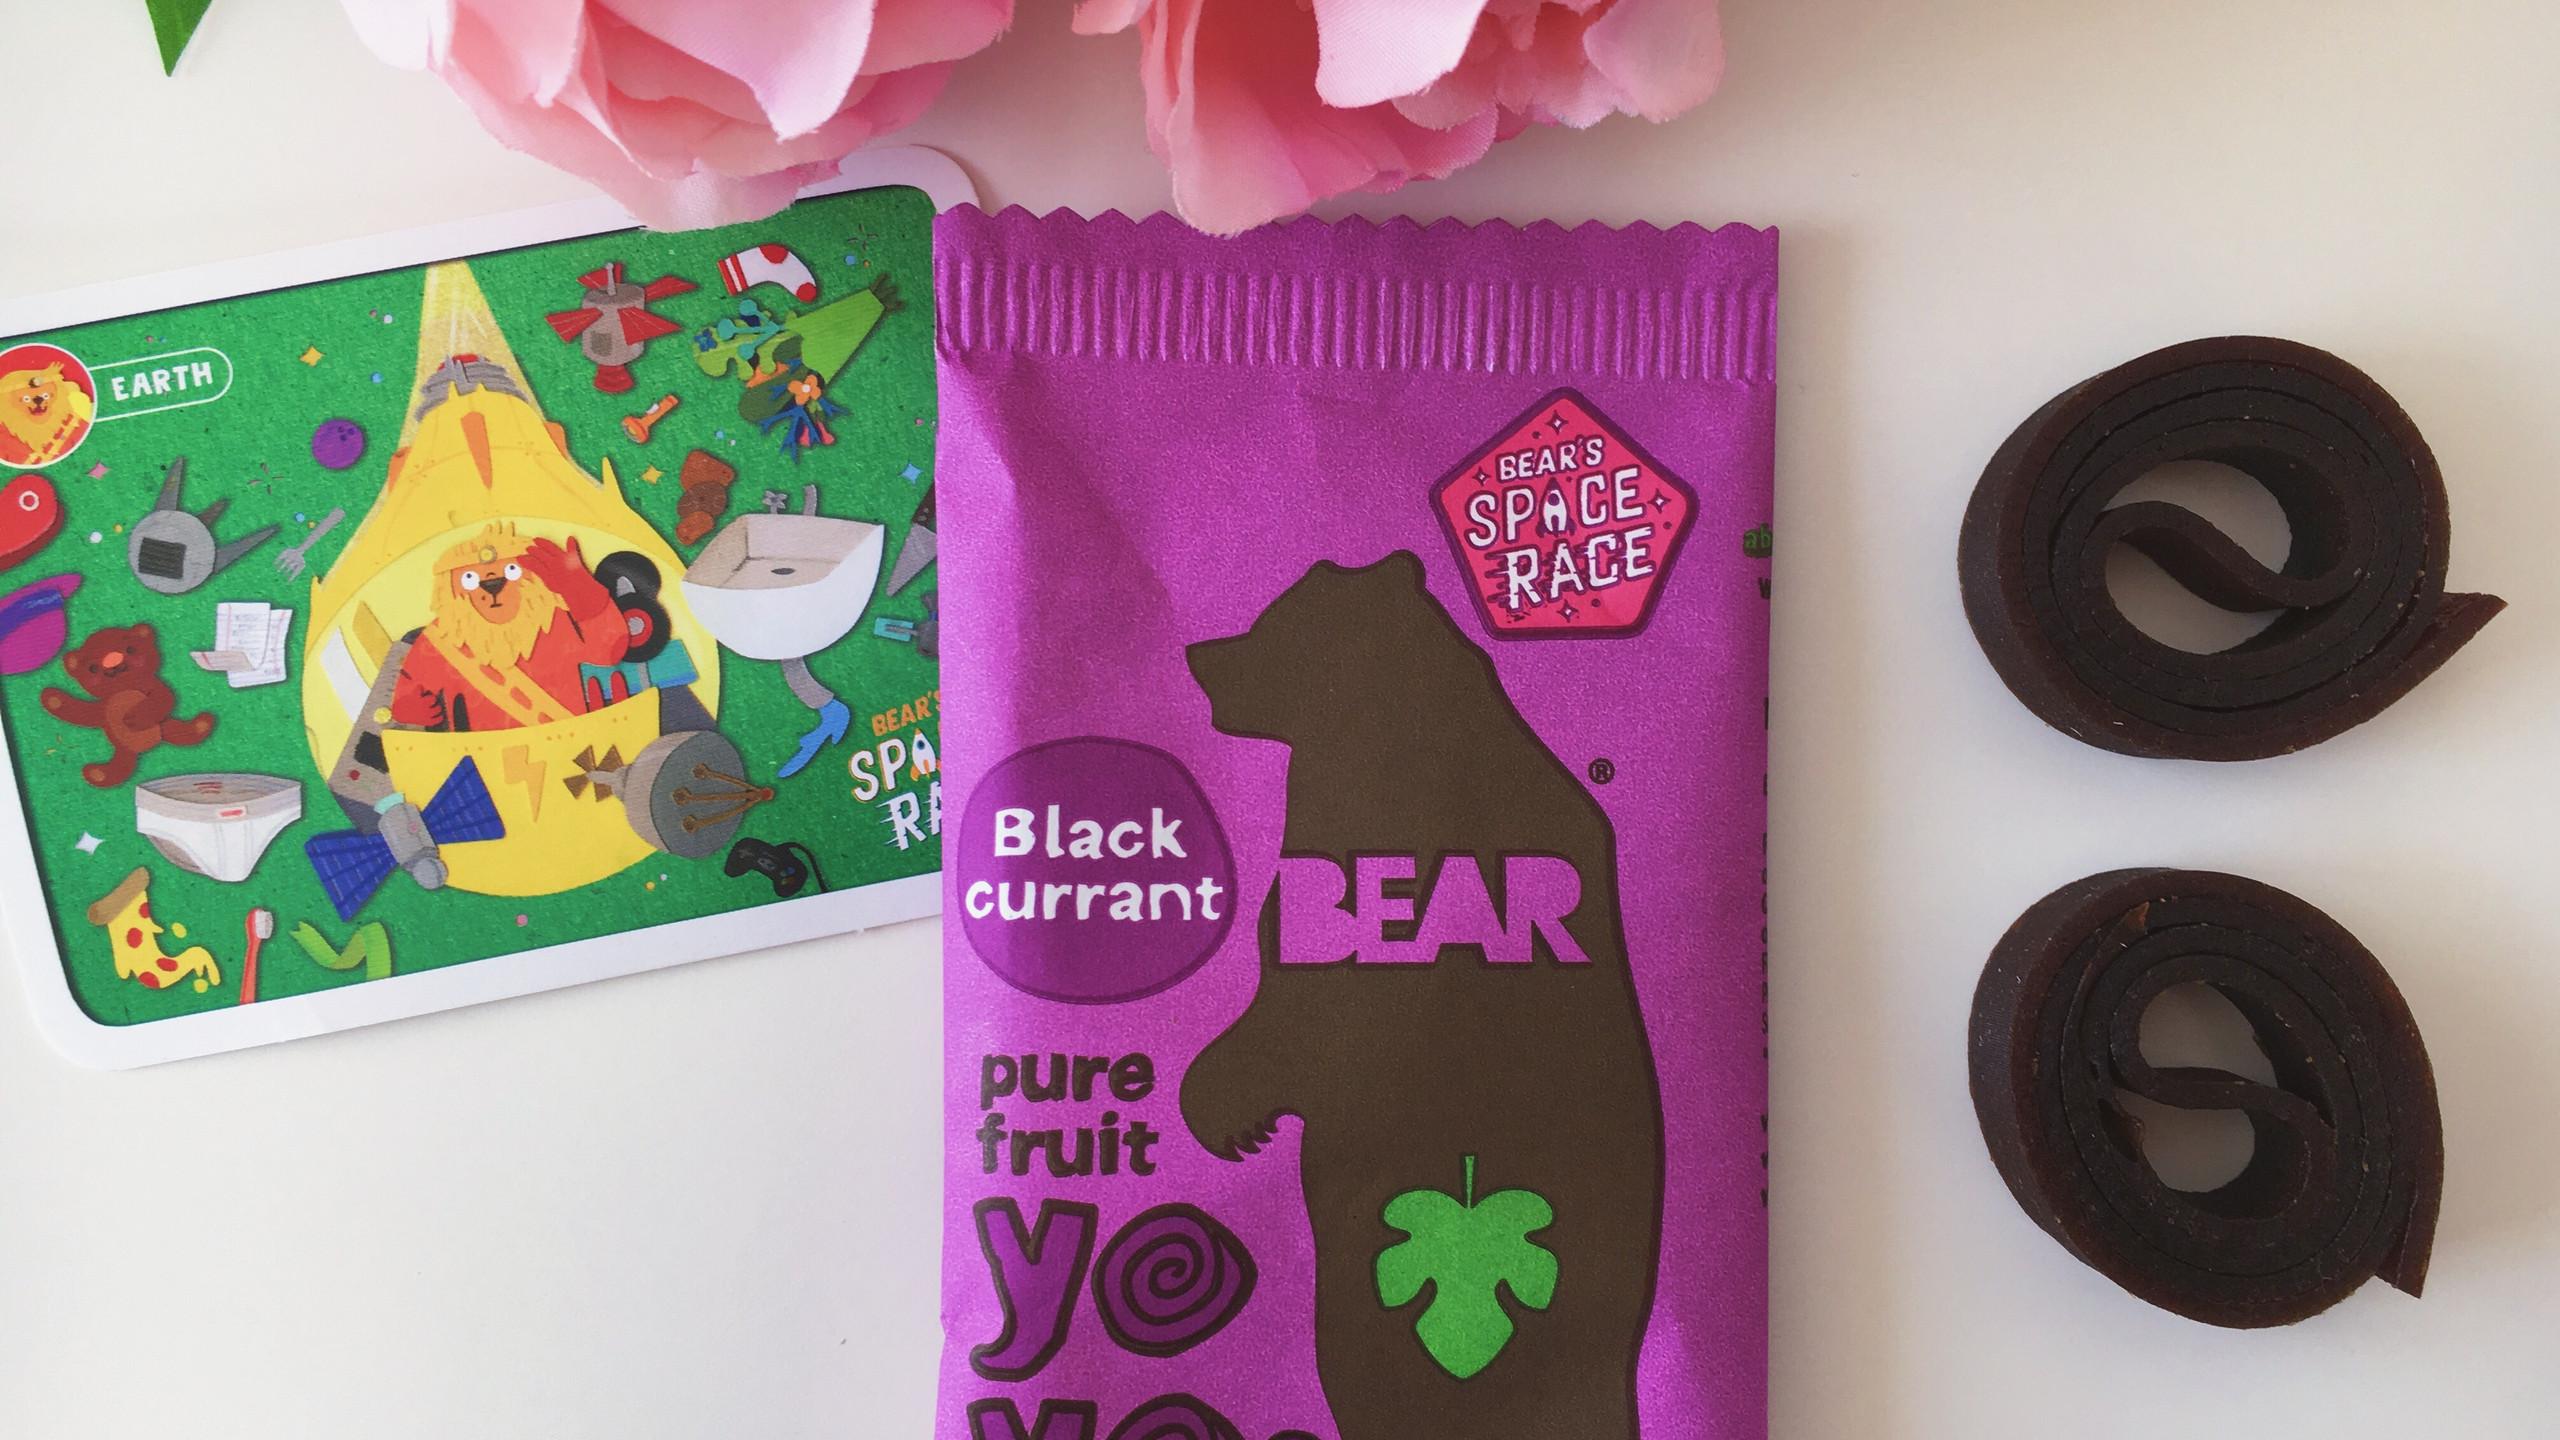 Gustări sănătoase BEAR